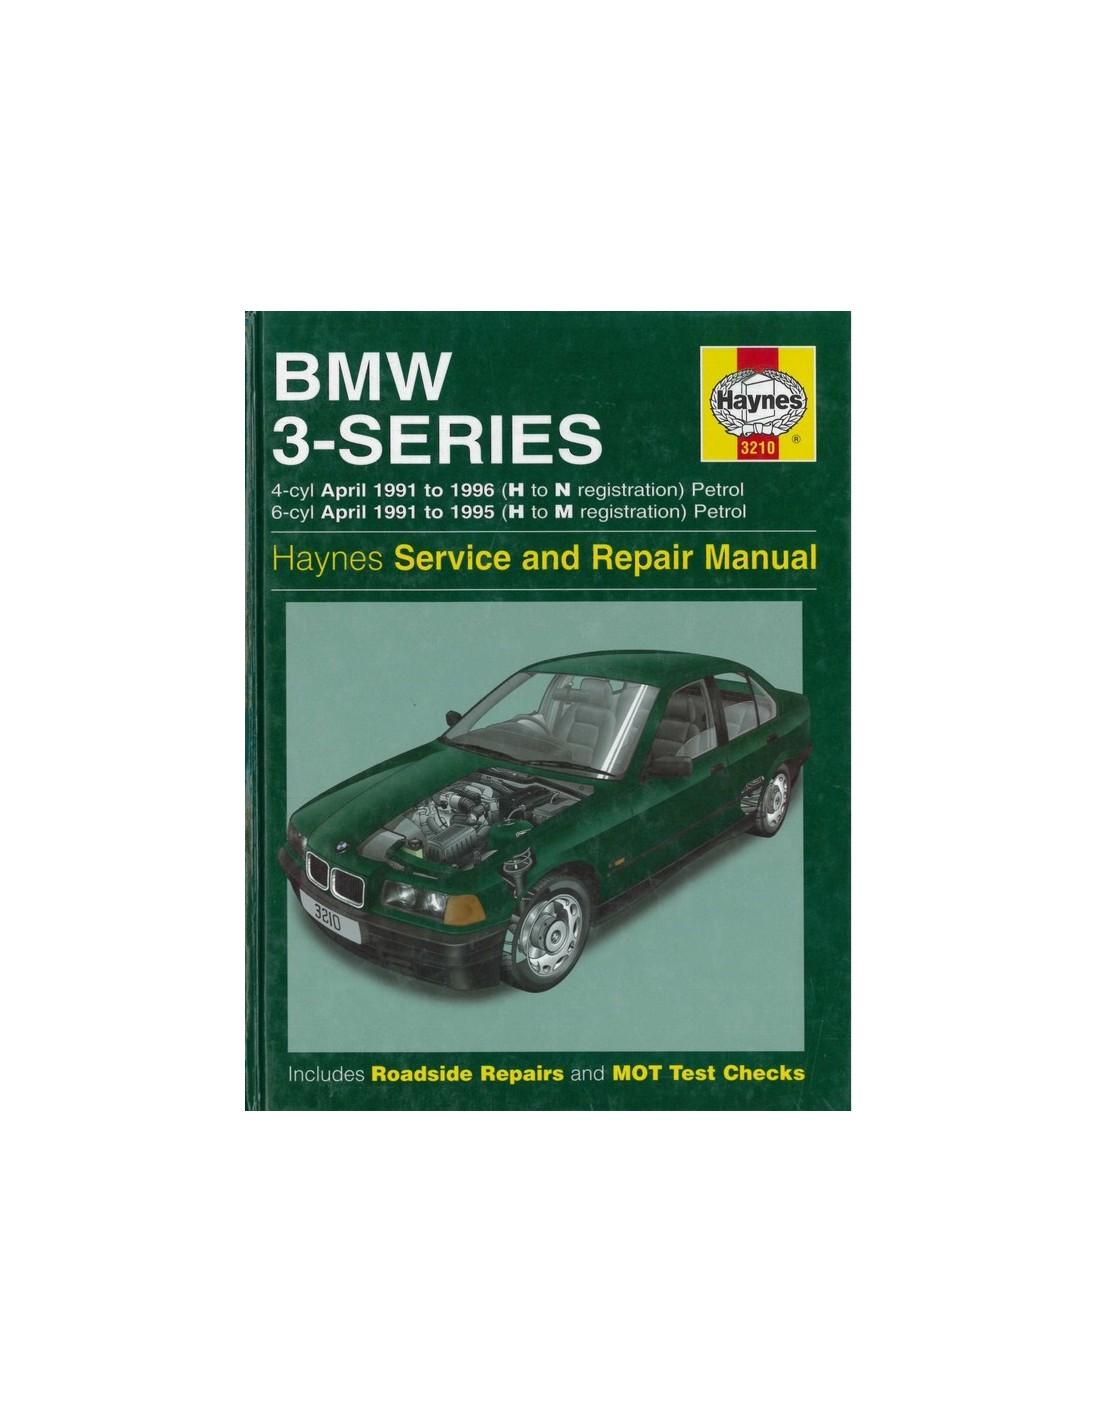 1991 1996 bmw 3 series petrol haynes workshop manual english rh autolit eu 1991 BMW 325Ic 1982 BMW 325I